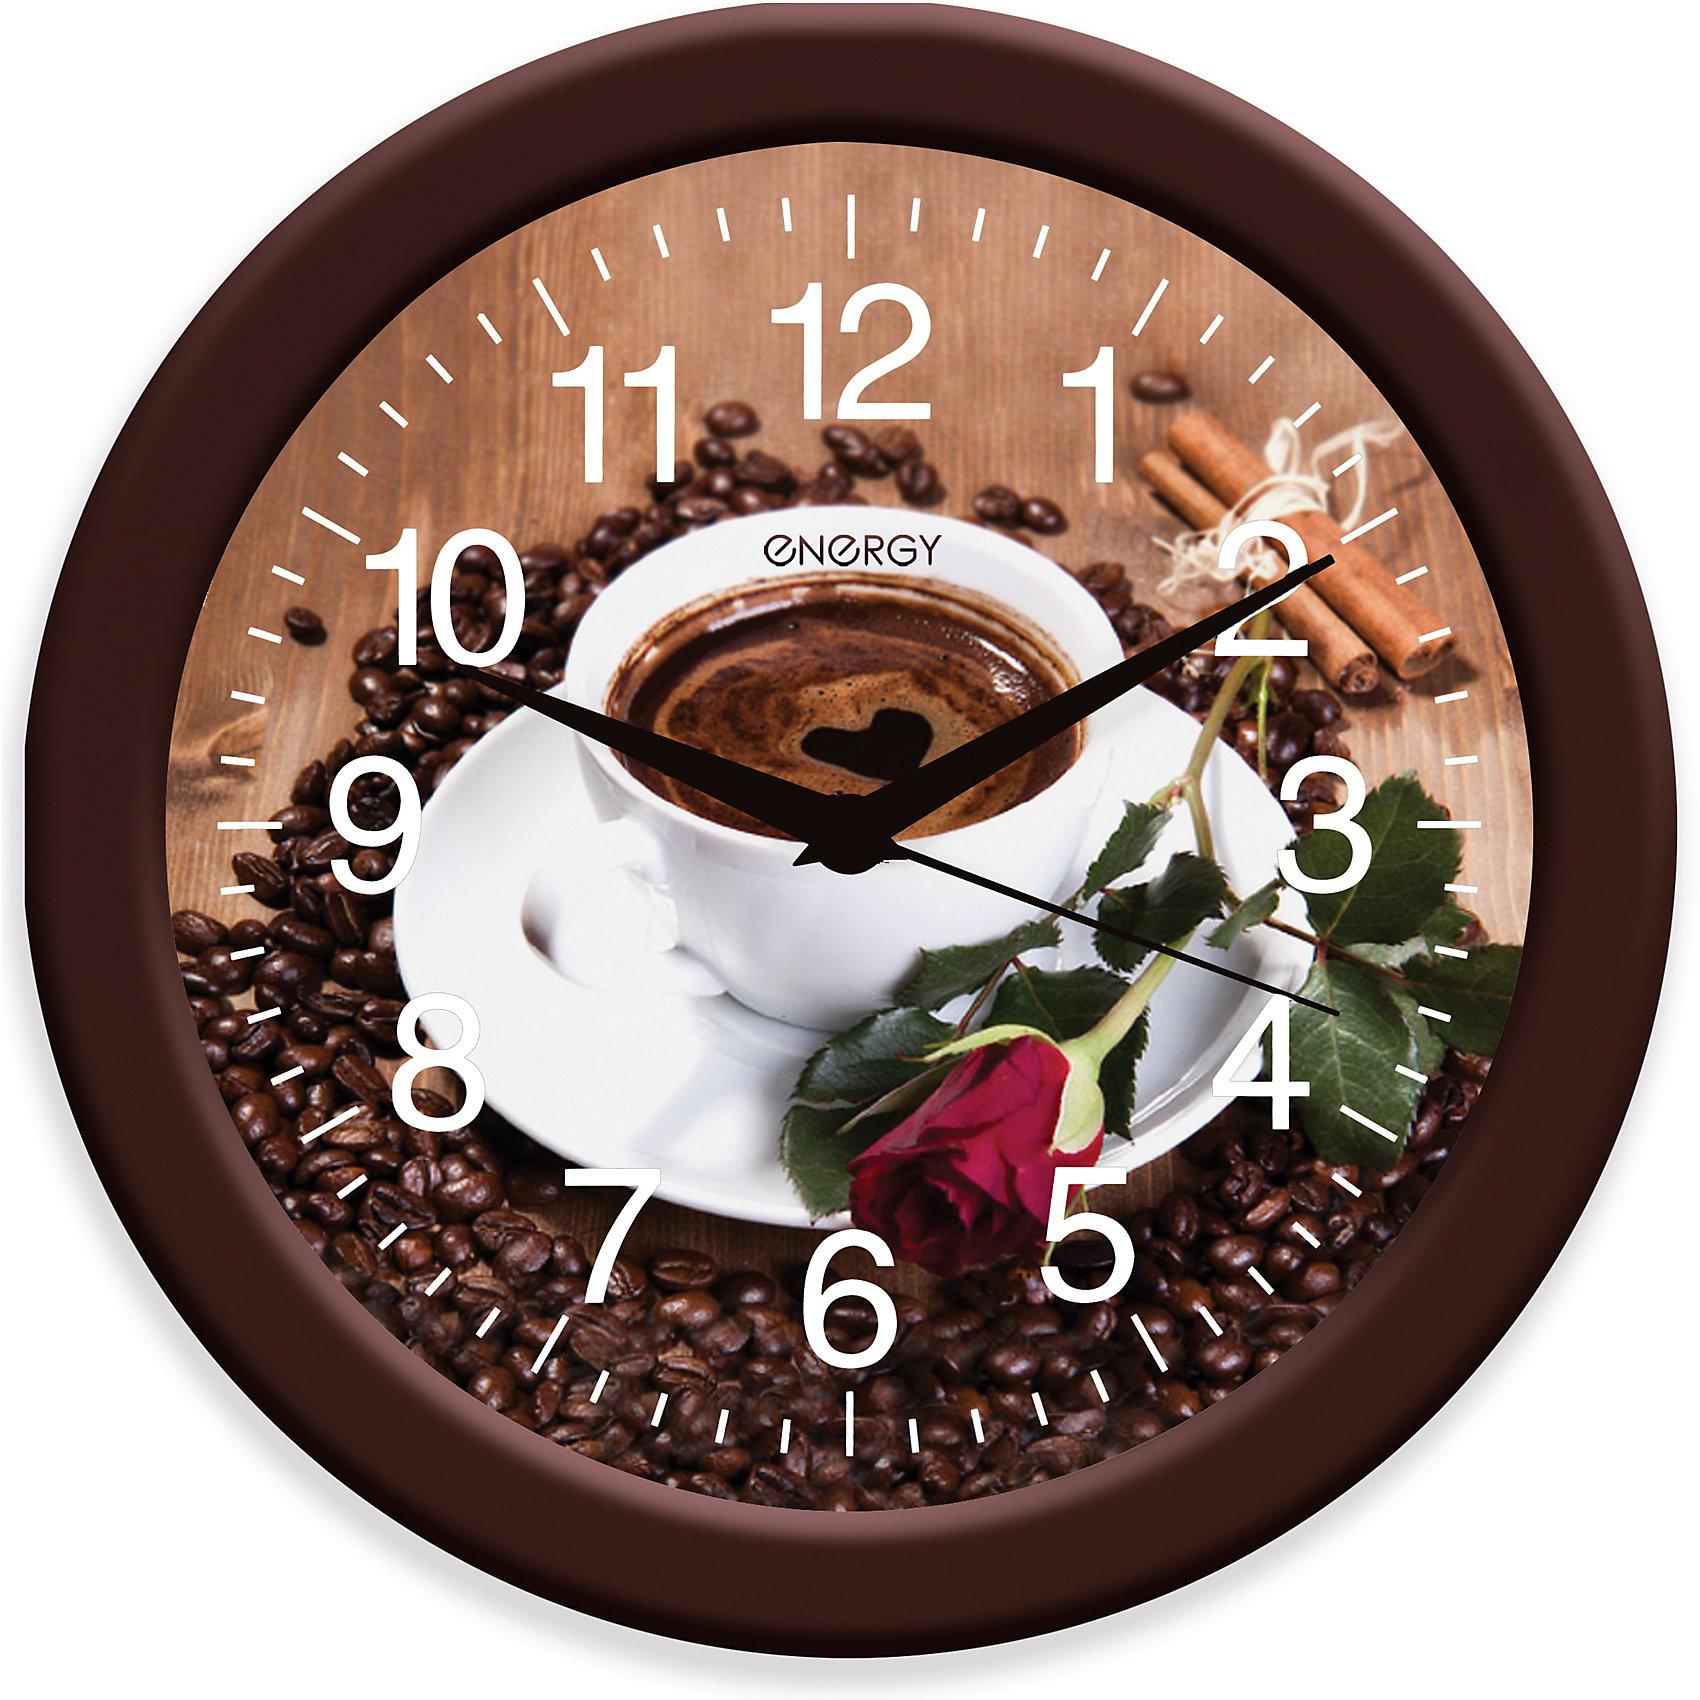 Часы настенныеКофе, ENERGYЧасы настенные кварцевые ENERGY модель ЕС-101 кофе<br><br>Ширина мм: 280<br>Глубина мм: 280<br>Высота мм: 40<br>Вес г: 562<br>Возраст от месяцев: 216<br>Возраст до месяцев: 1188<br>Пол: Унисекс<br>Возраст: Детский<br>SKU: 5454037